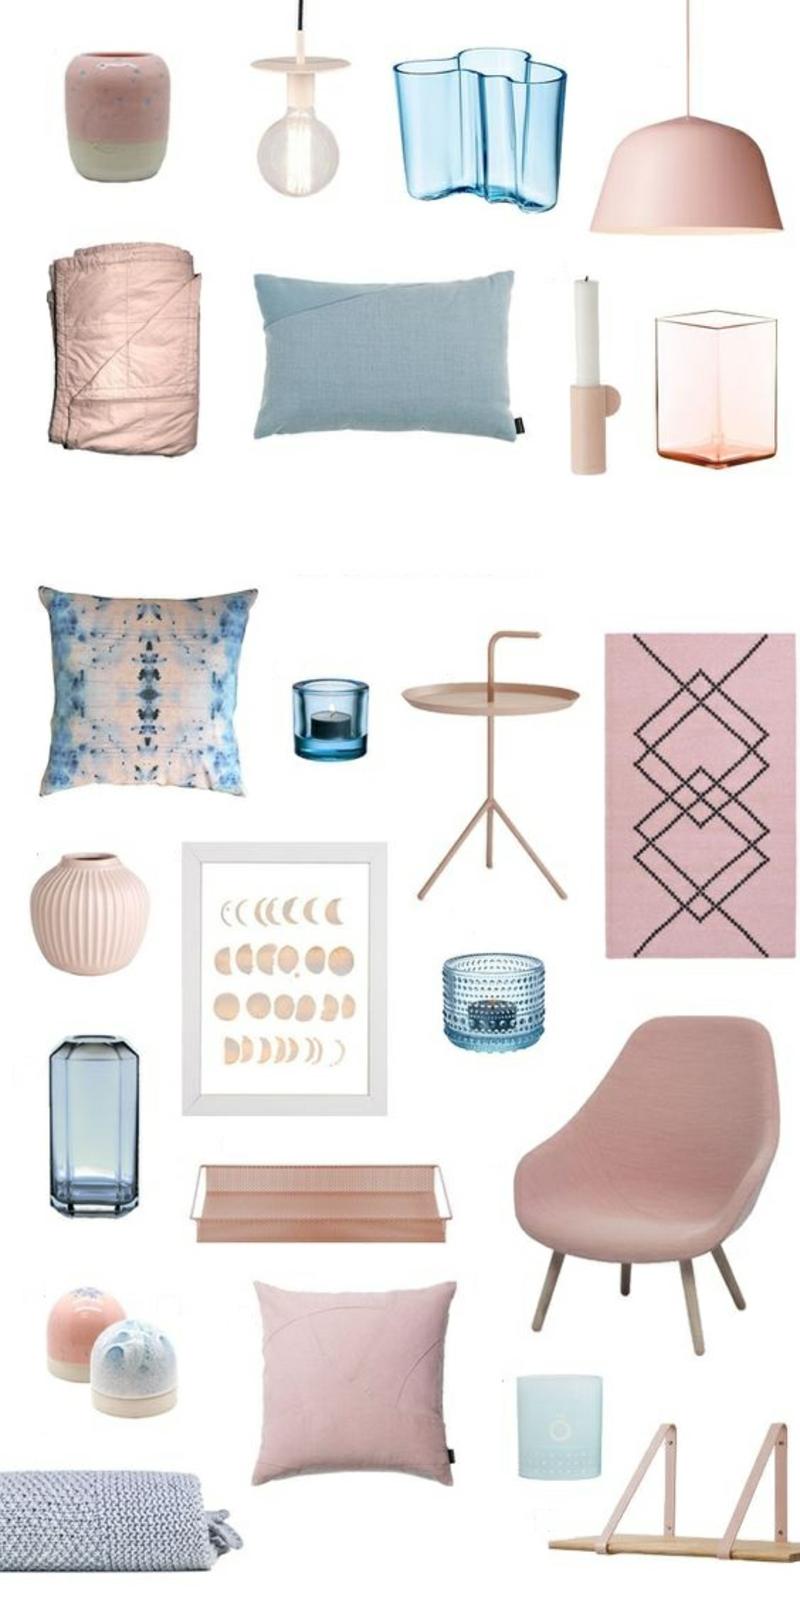 Inneneinrichtung planen Möbel Trendfarben Rosa Blau